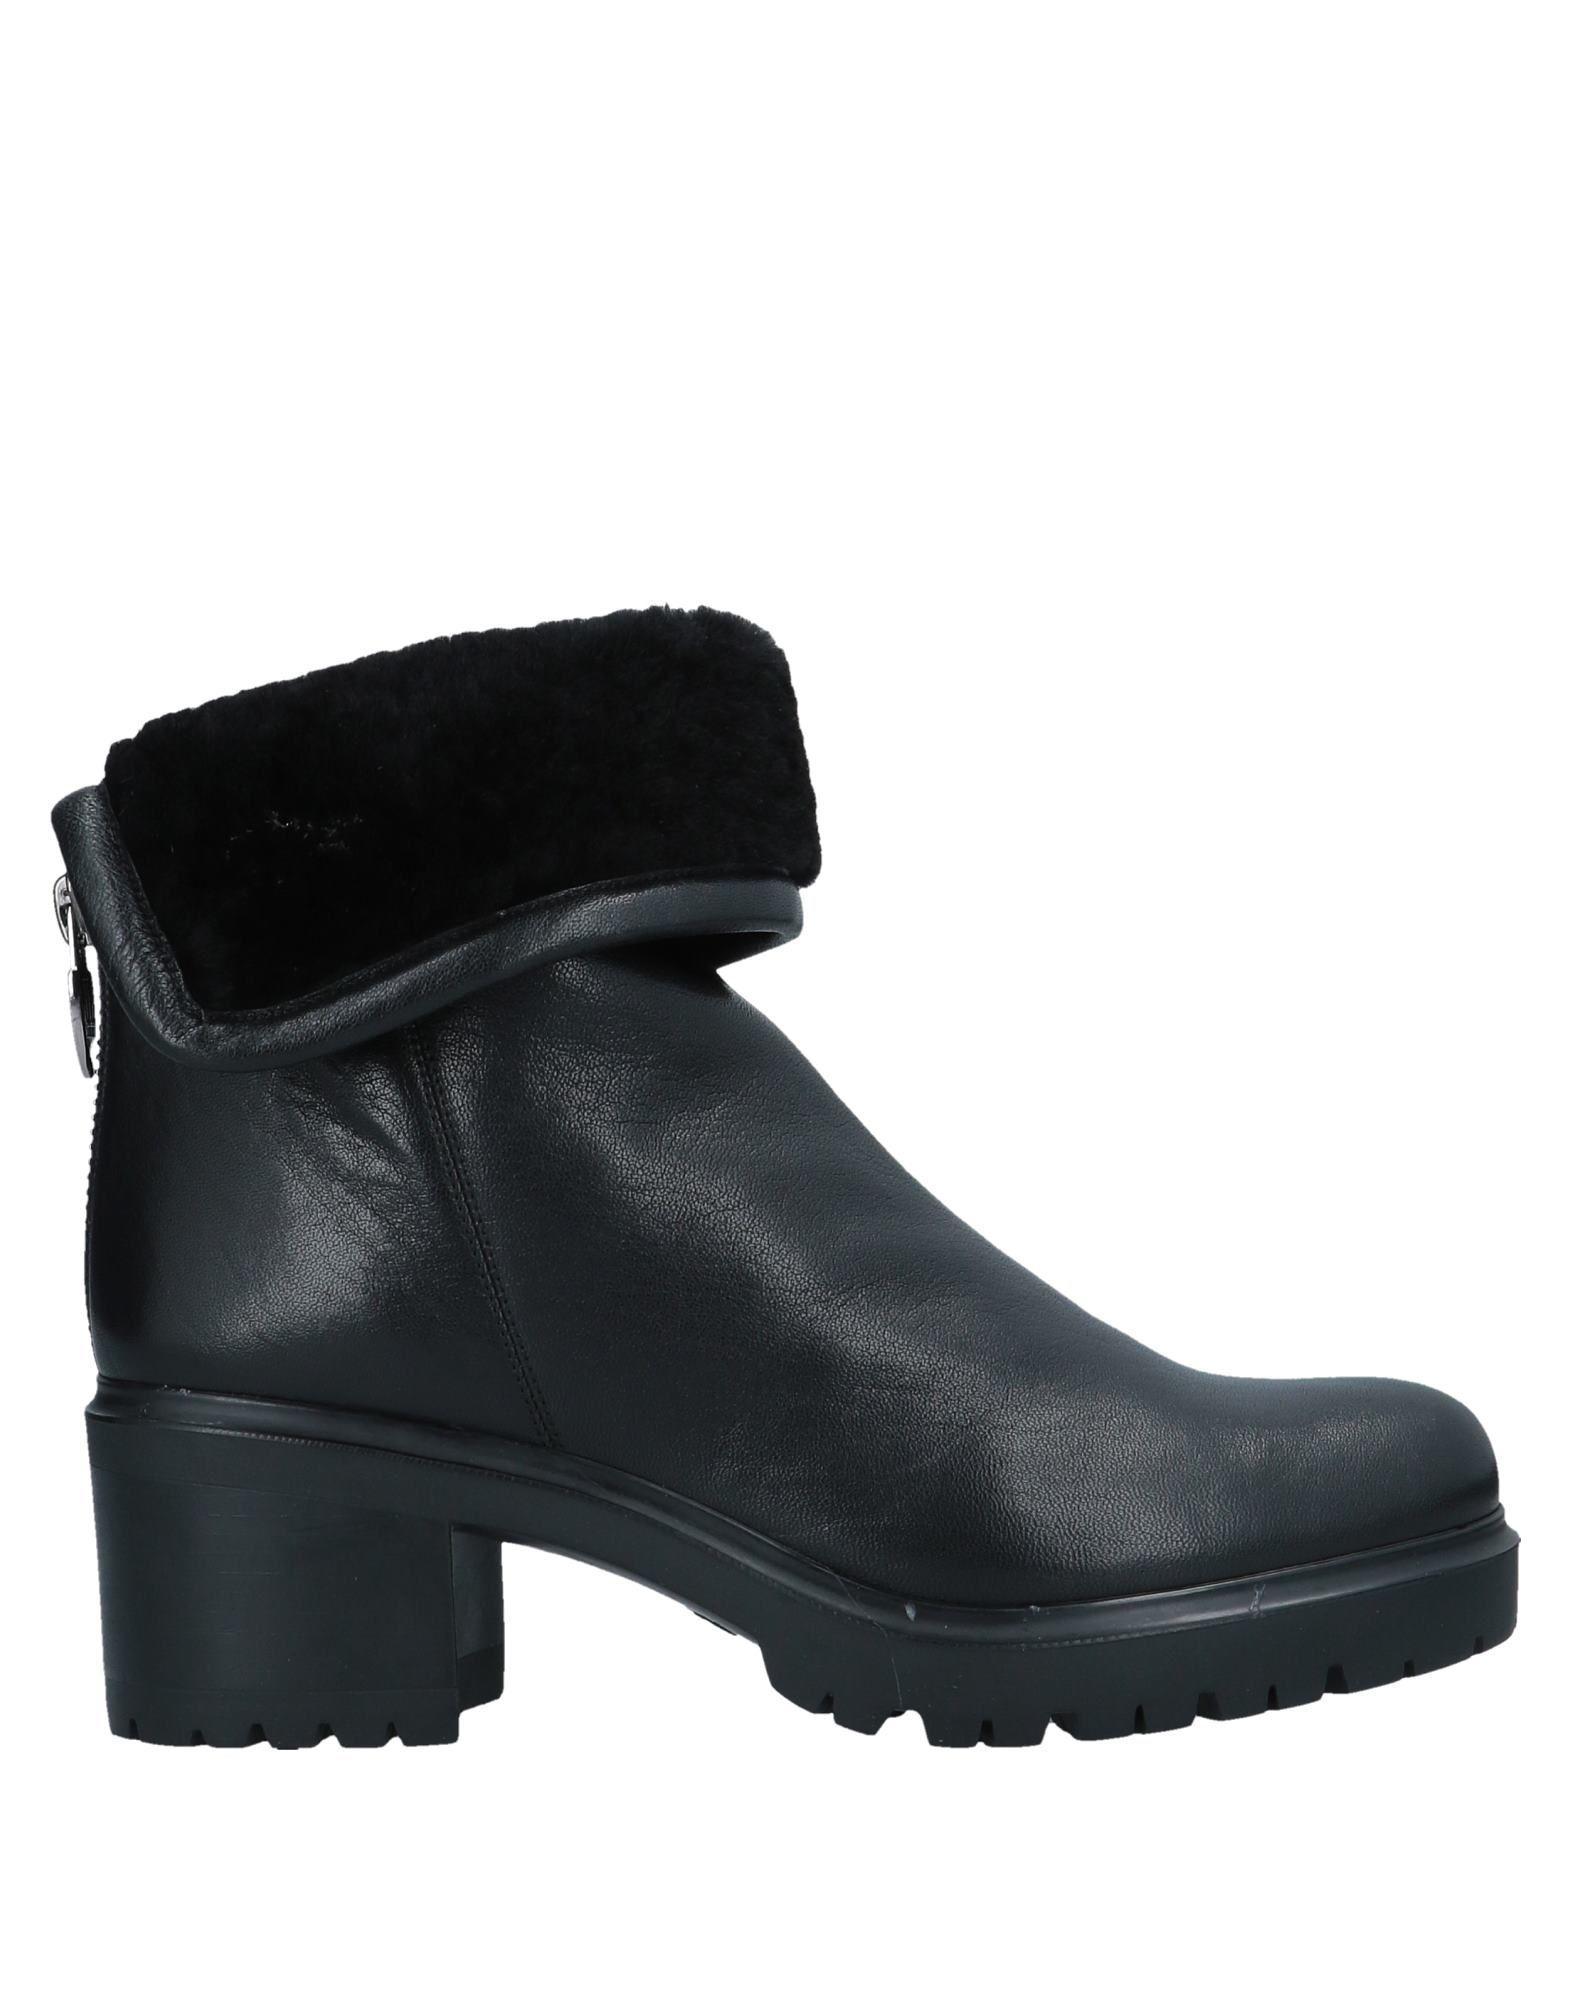 b2aa830a4d2 Loriblu - Black Ankle Boots - Lyst. View fullscreen